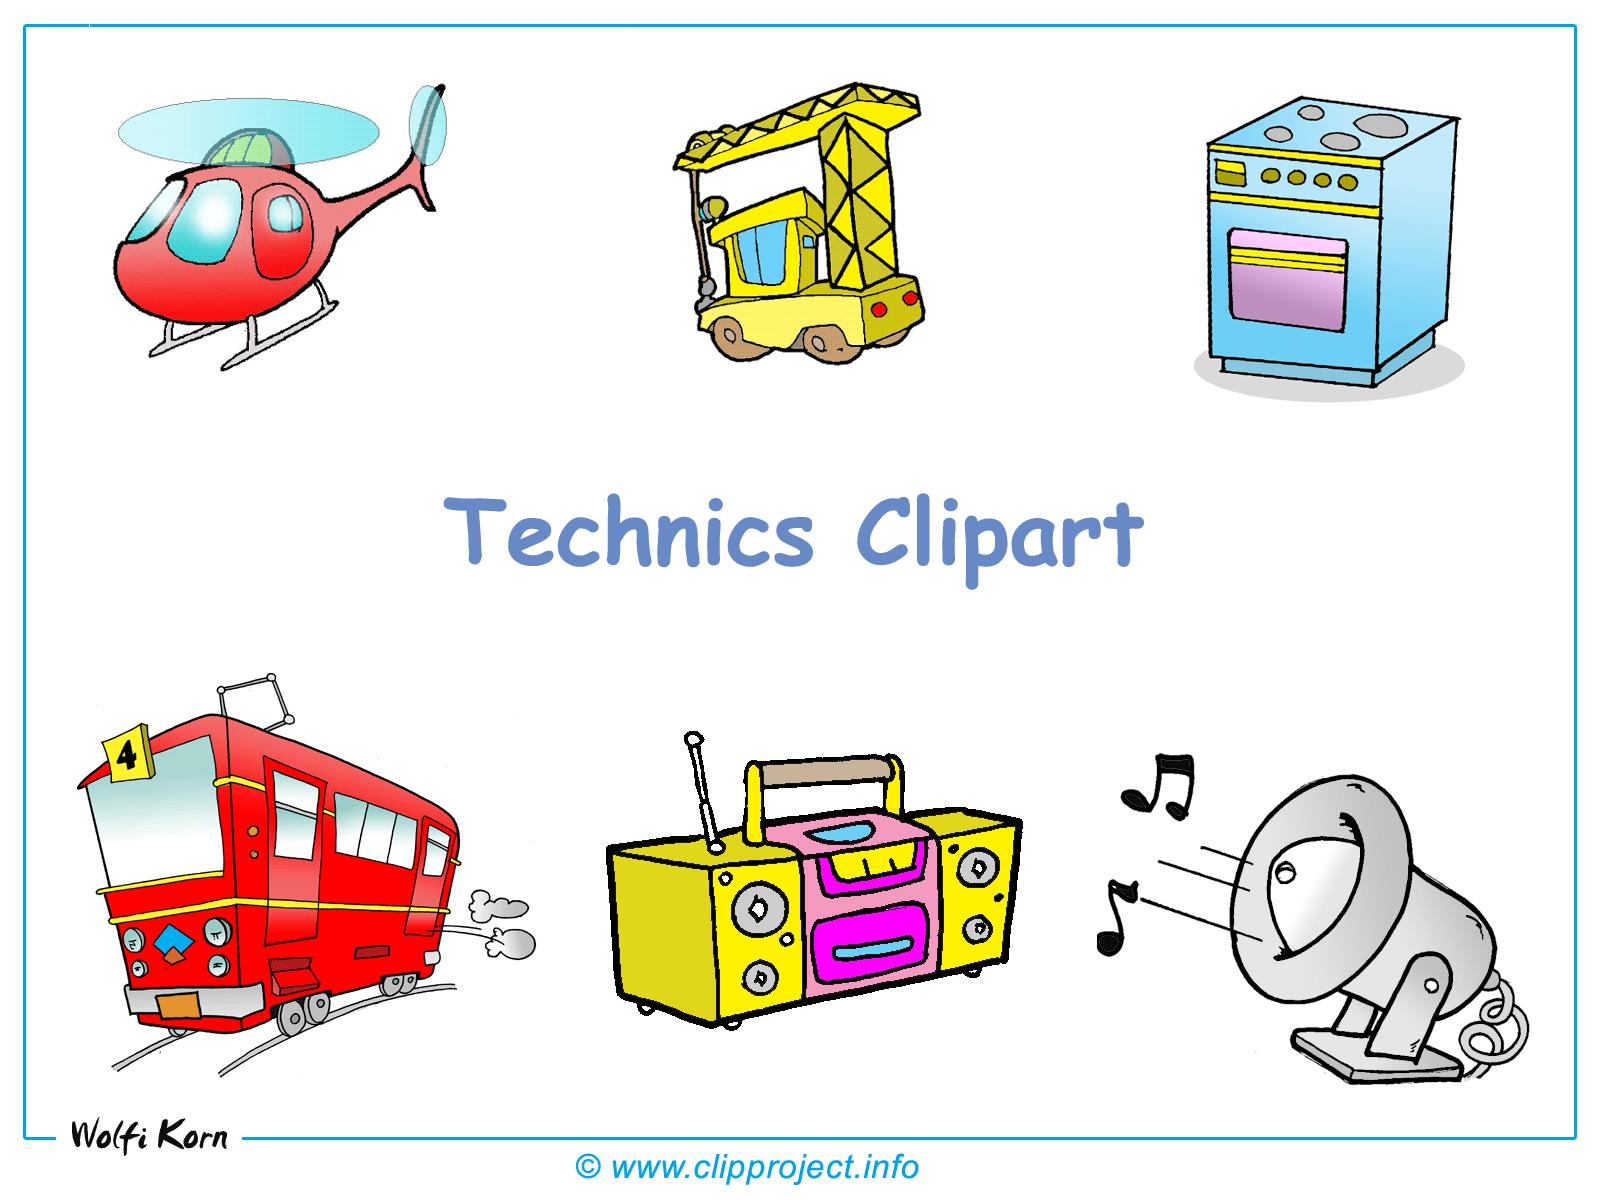 Technics clipart Clipart Wallpaper free Images Technics